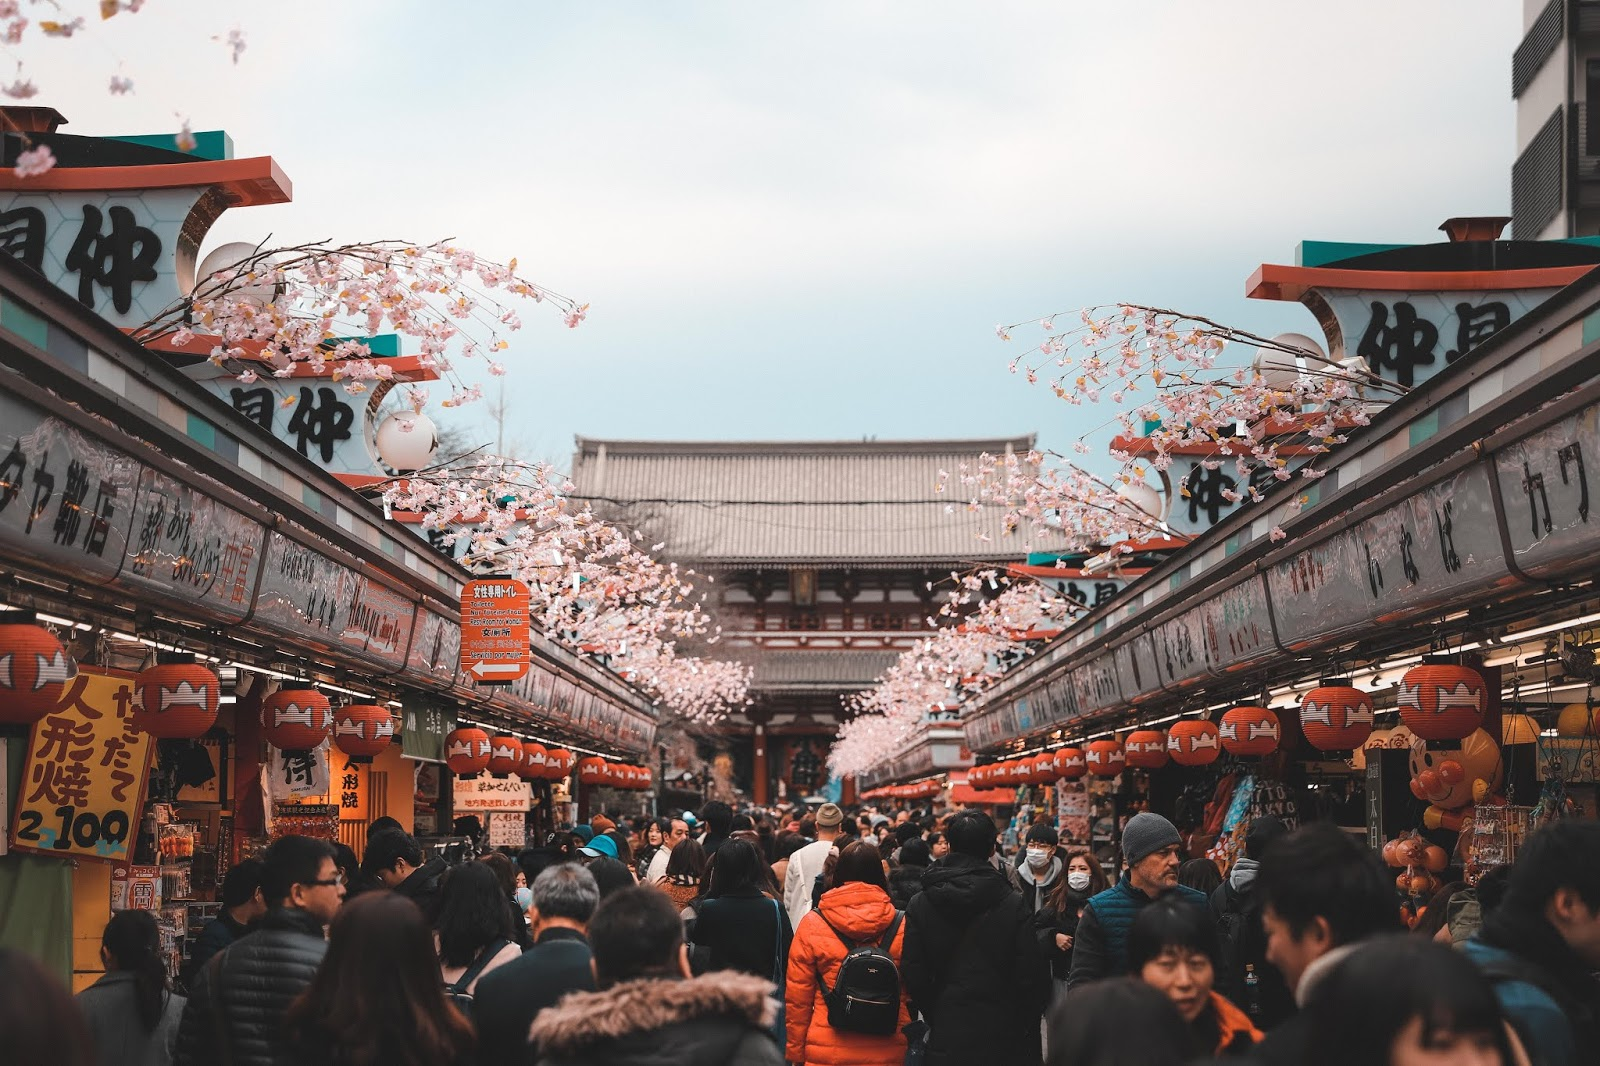 Nakamise Shopping Street at Senso-ji